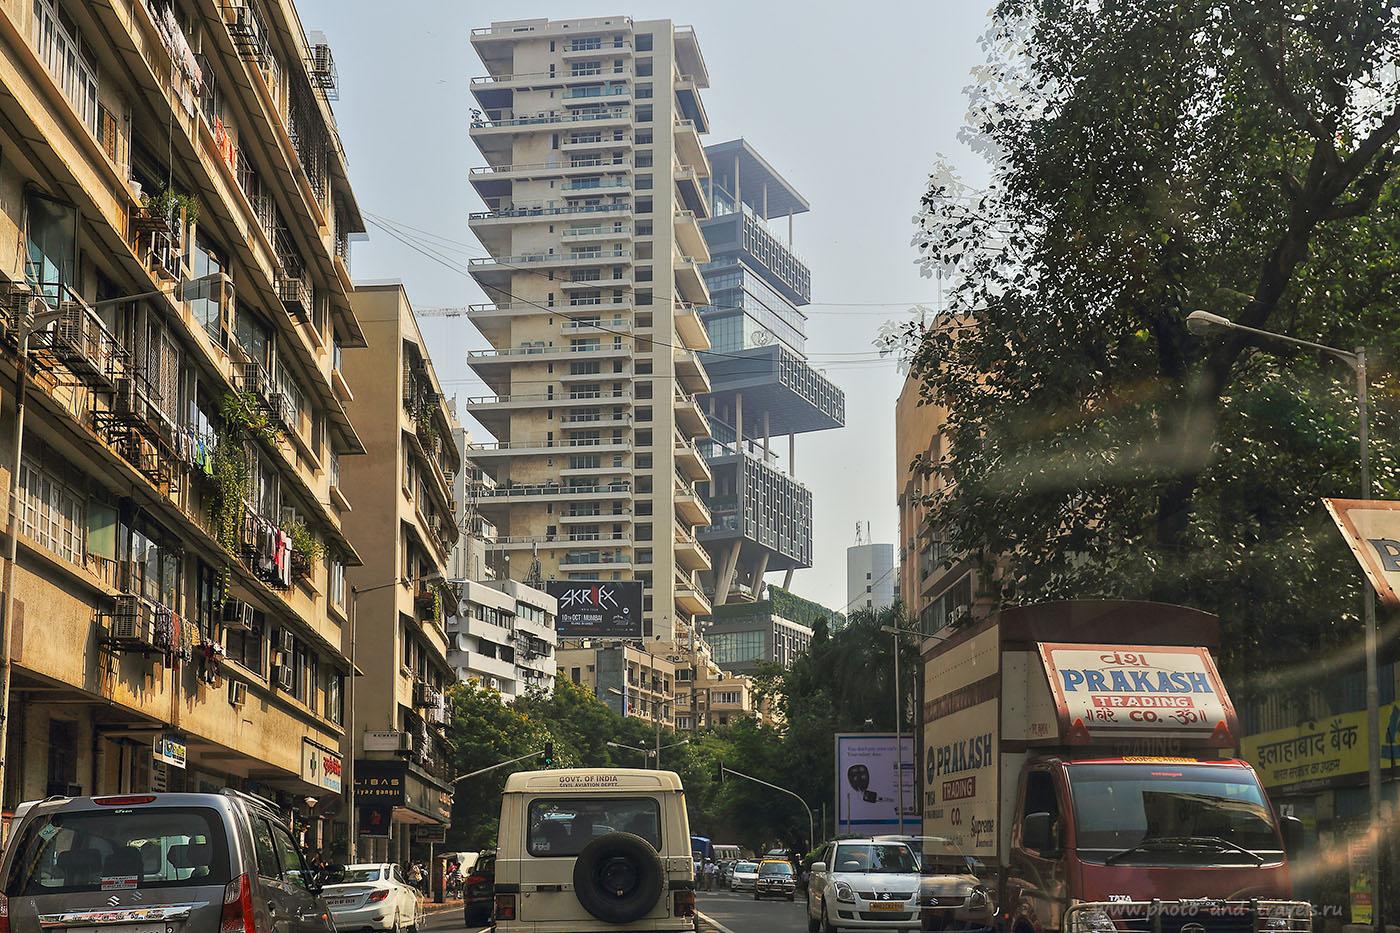 Фото 3. Особняк «Антилия» - второе здание по центру. Достопримечательности Мумбаи. Отчеты туристов о самостоятельном путешествии по Индии (24-70, 1/640 – 1/1250, 0eV, -1 eV, f7.1, 38 mm, ISO 100. HDR)